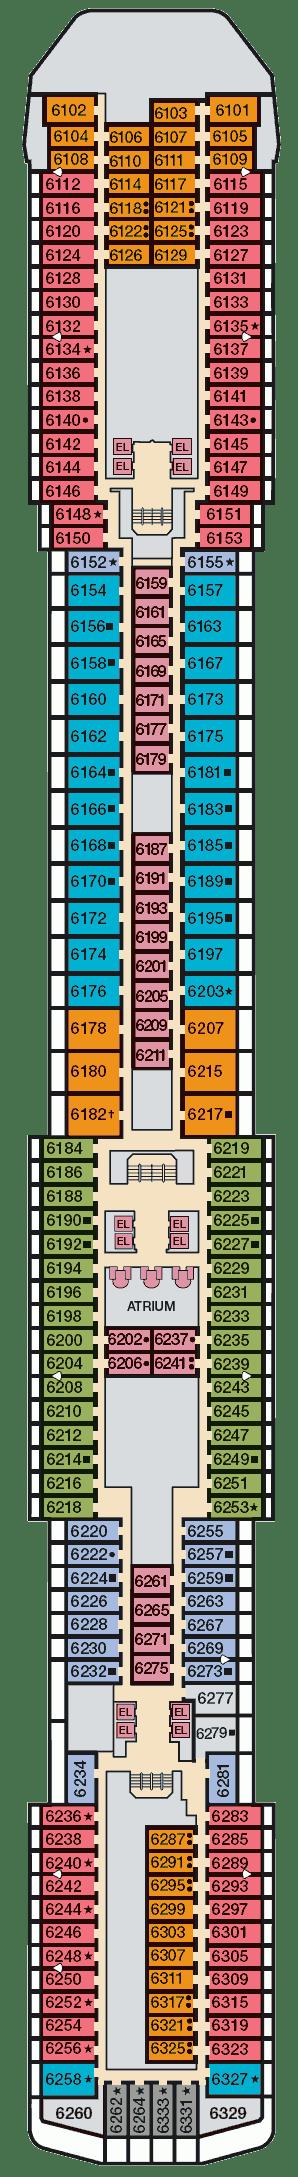 Empress Deck